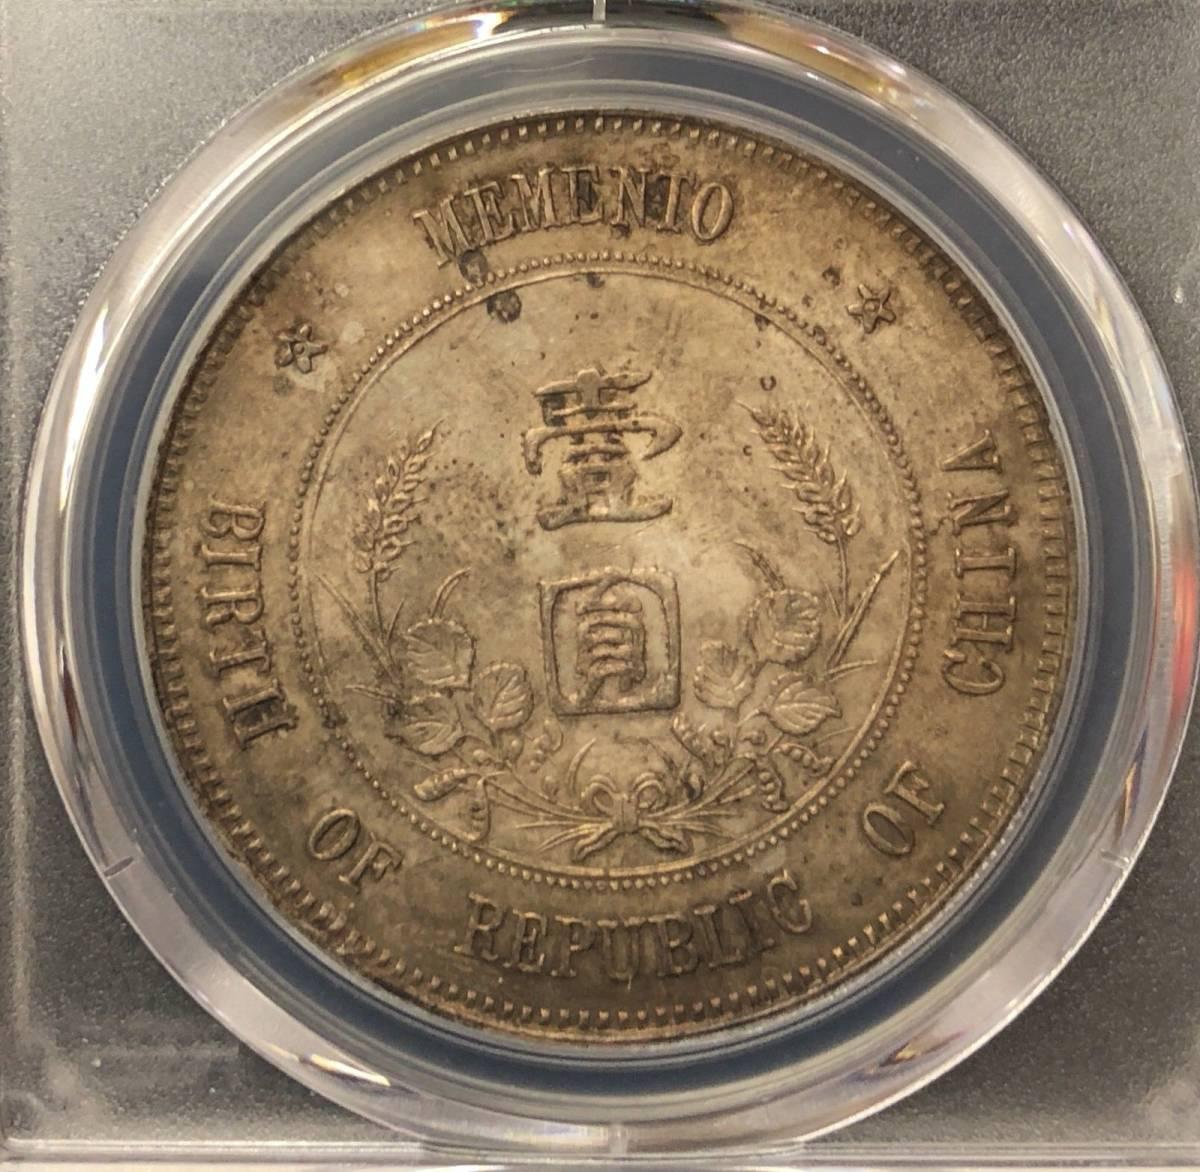 中国 コイン  ビンテージ ヴィンテージ  限定 レア 入手困難 金貨_画像1